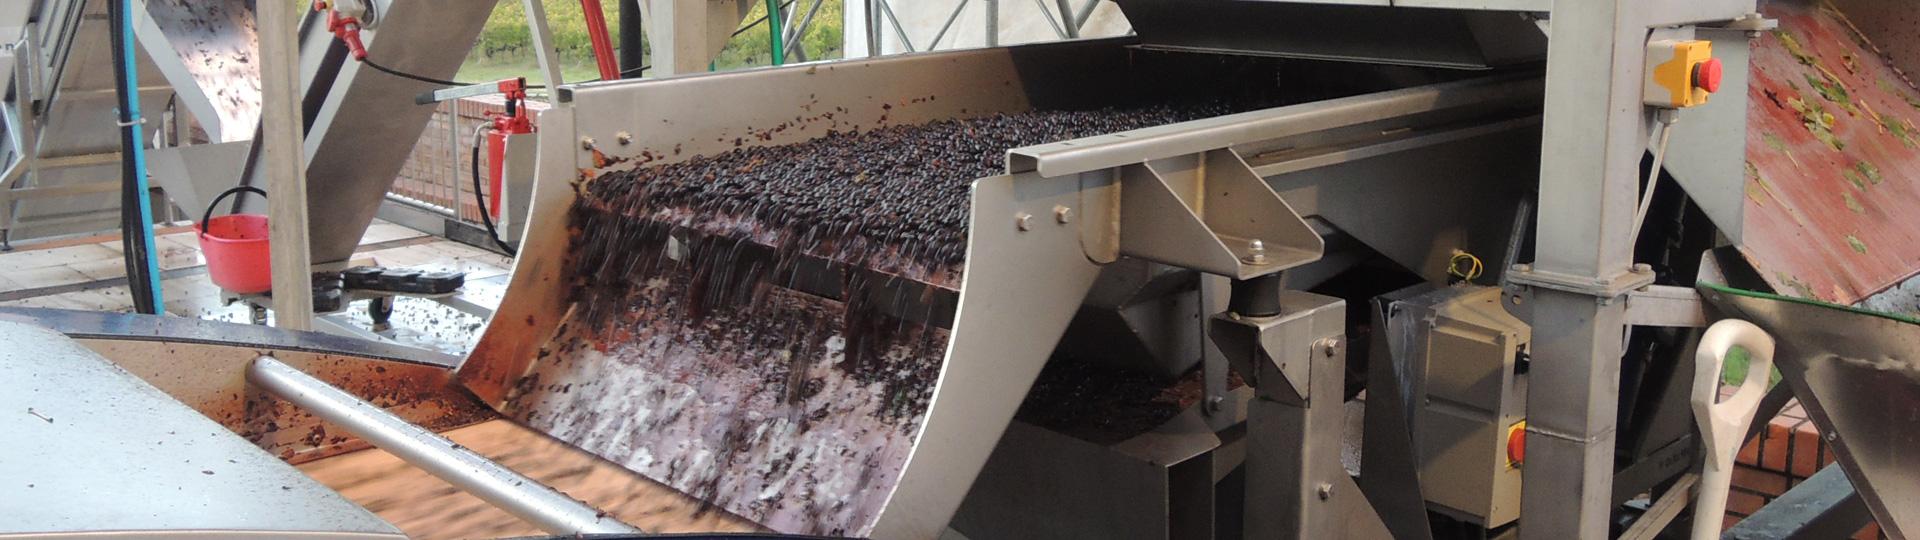 Verwerking van de druiven voor de wijn